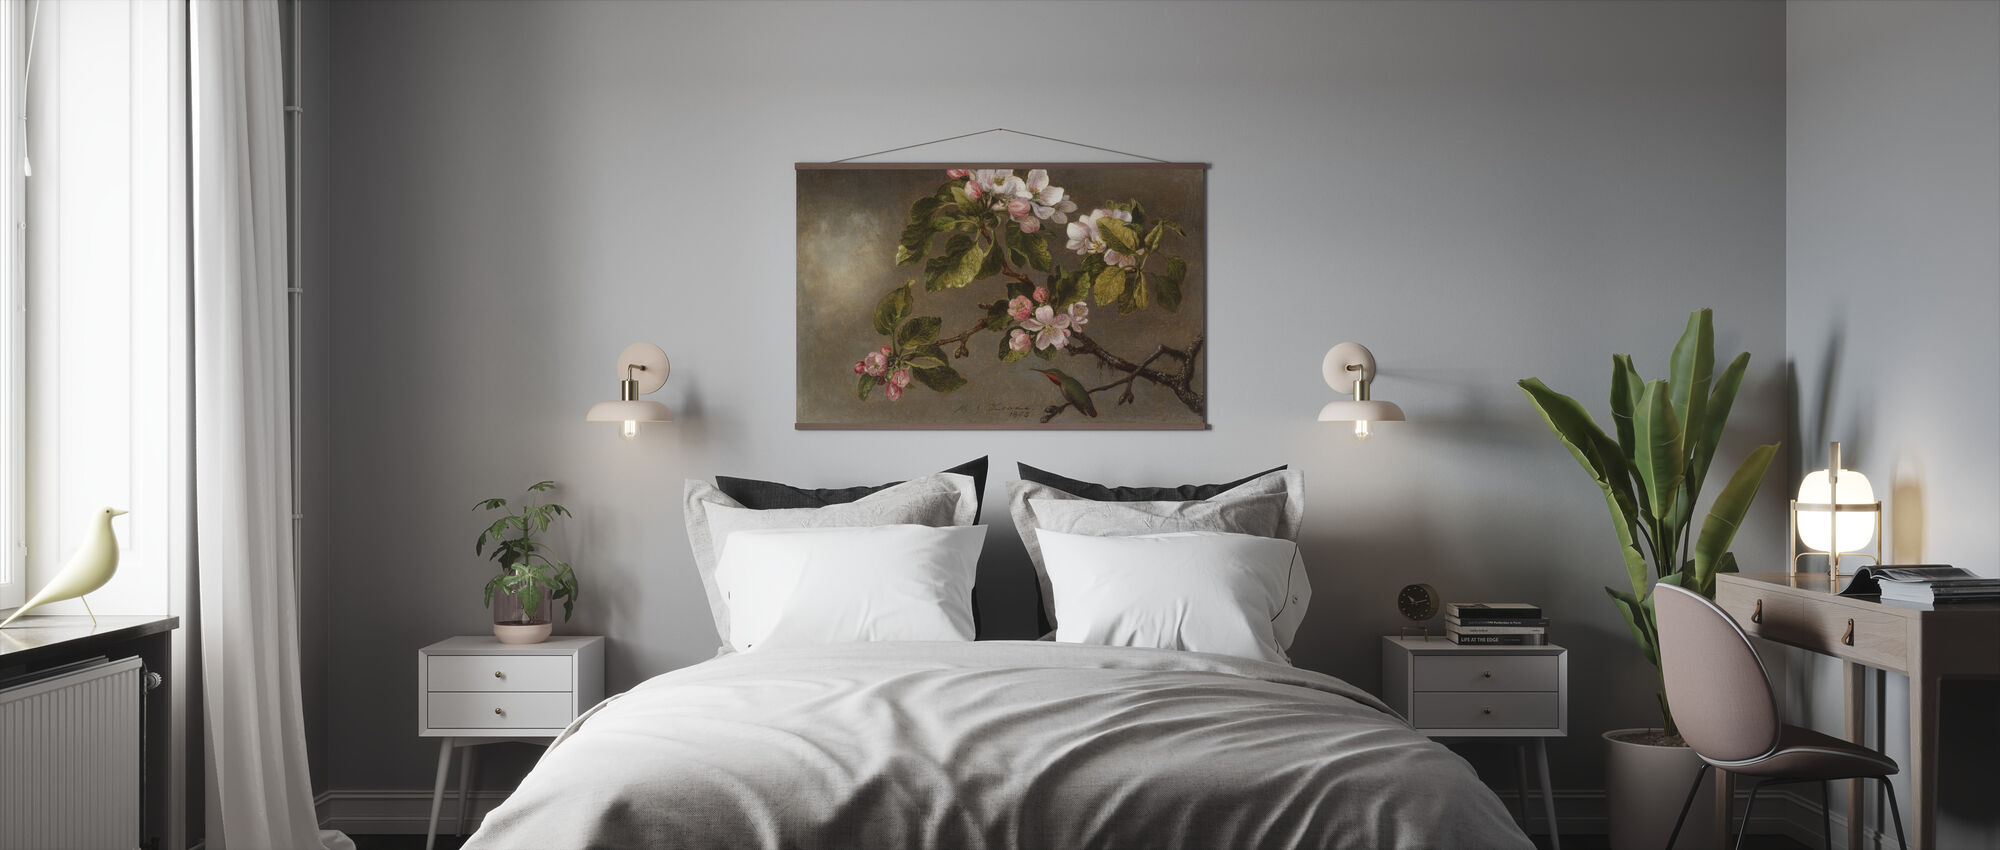 Kolibrii og Apple Blossoms - Martin Johnson Heade - Plakat - Soverom